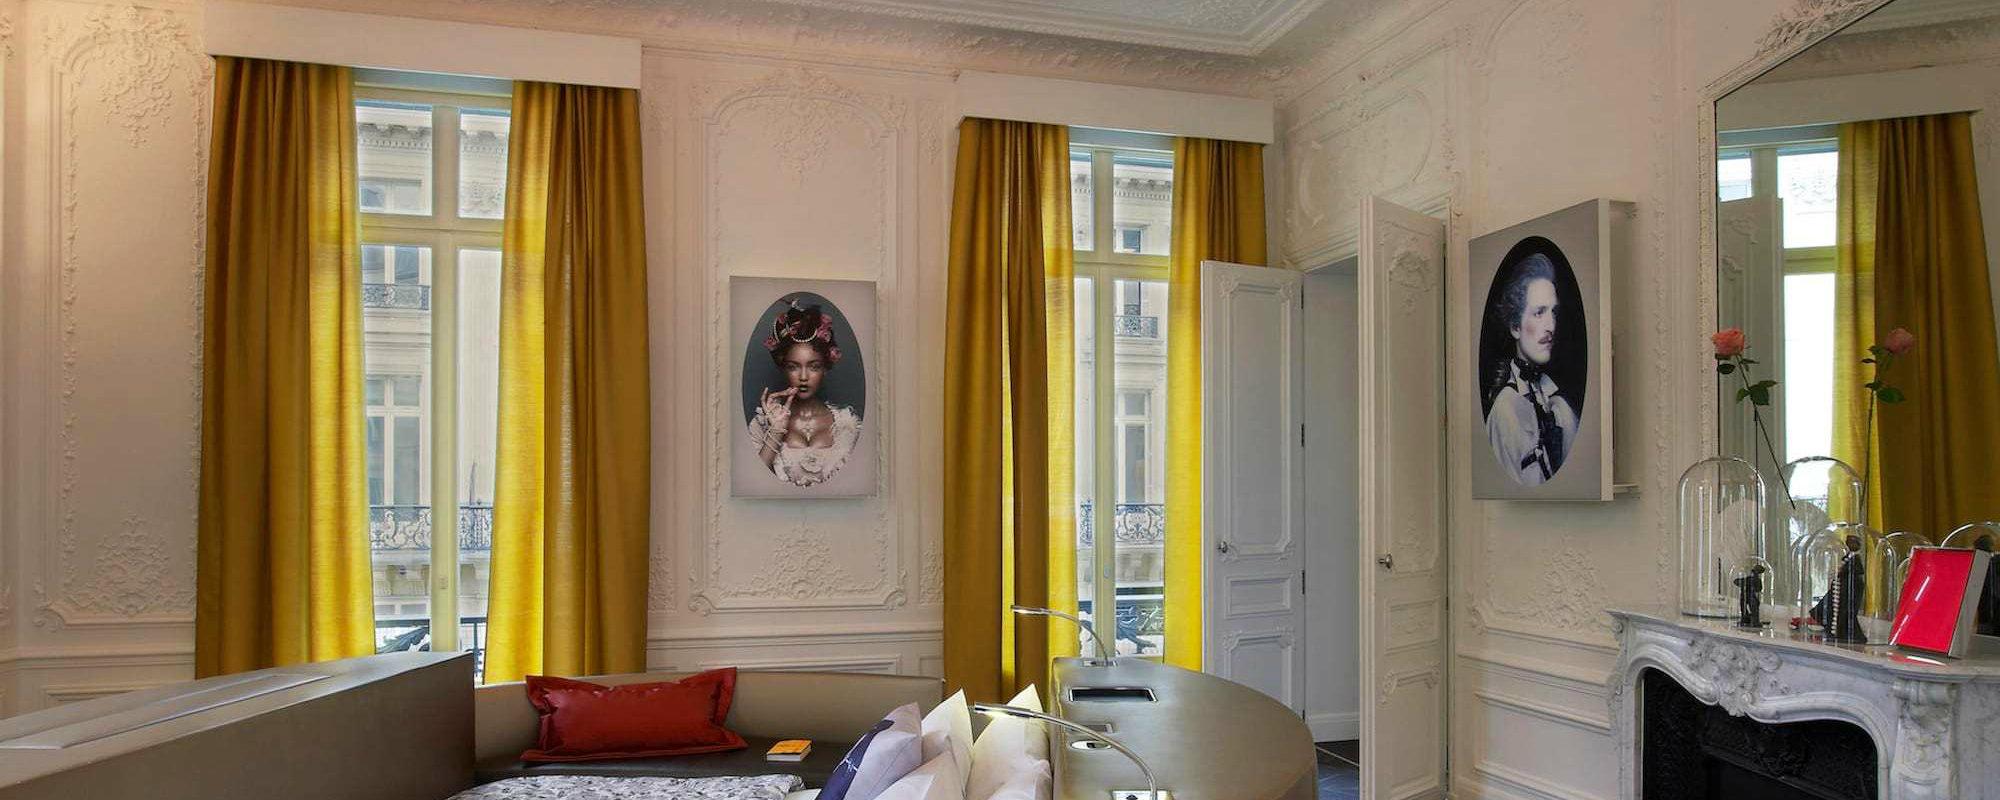 Estudio de Interiorismo: Studio Gronda una empresa elegante de proyectos lujuosos estudio de interiorismo Estudio de Interiorismo: Studio Gronda una empresa elegante de proyectos lujuosos Featured 17